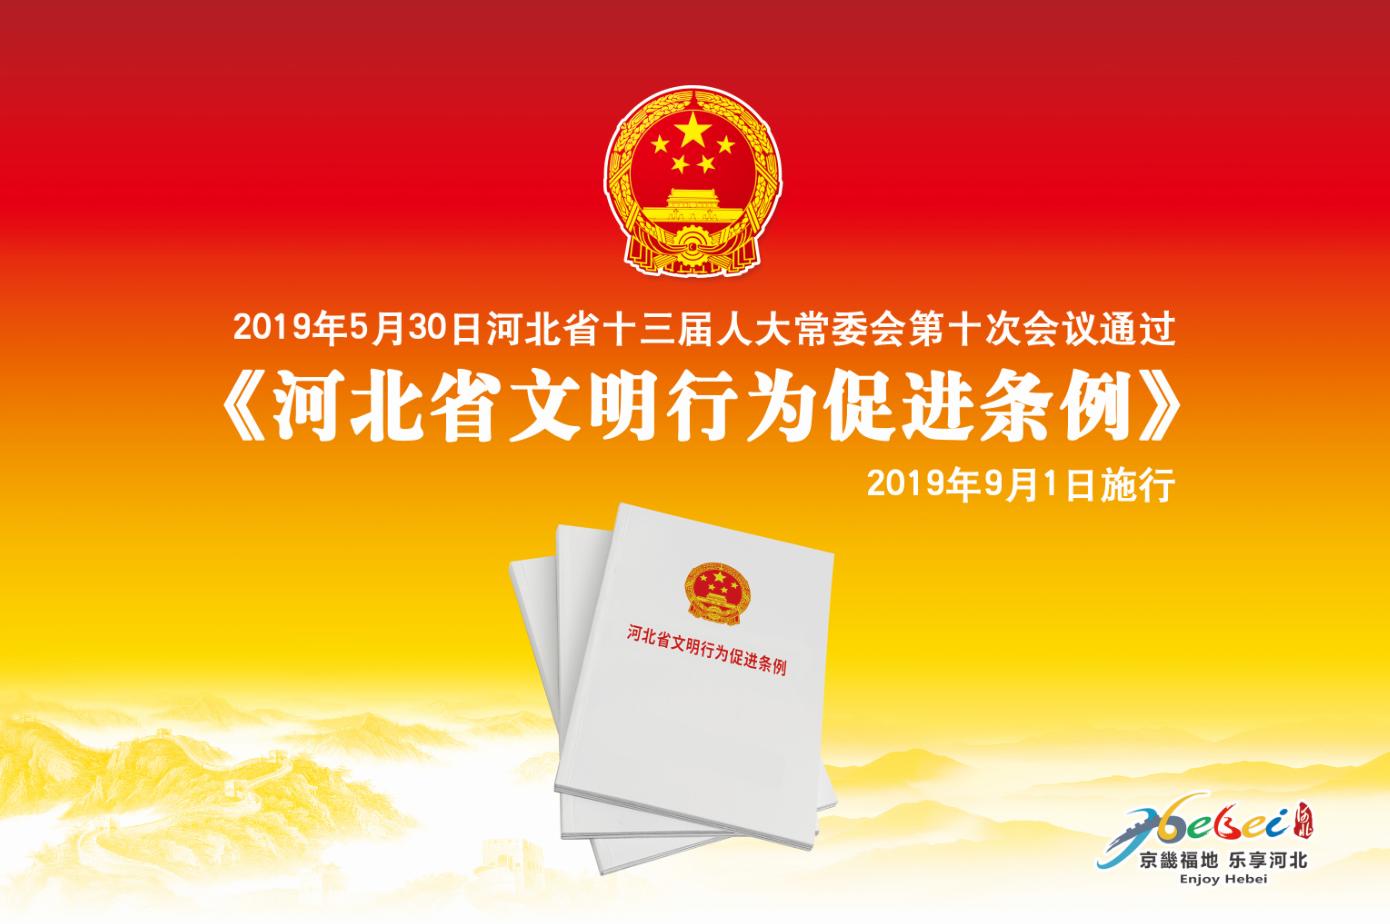 《河北省文明行为促进条例》